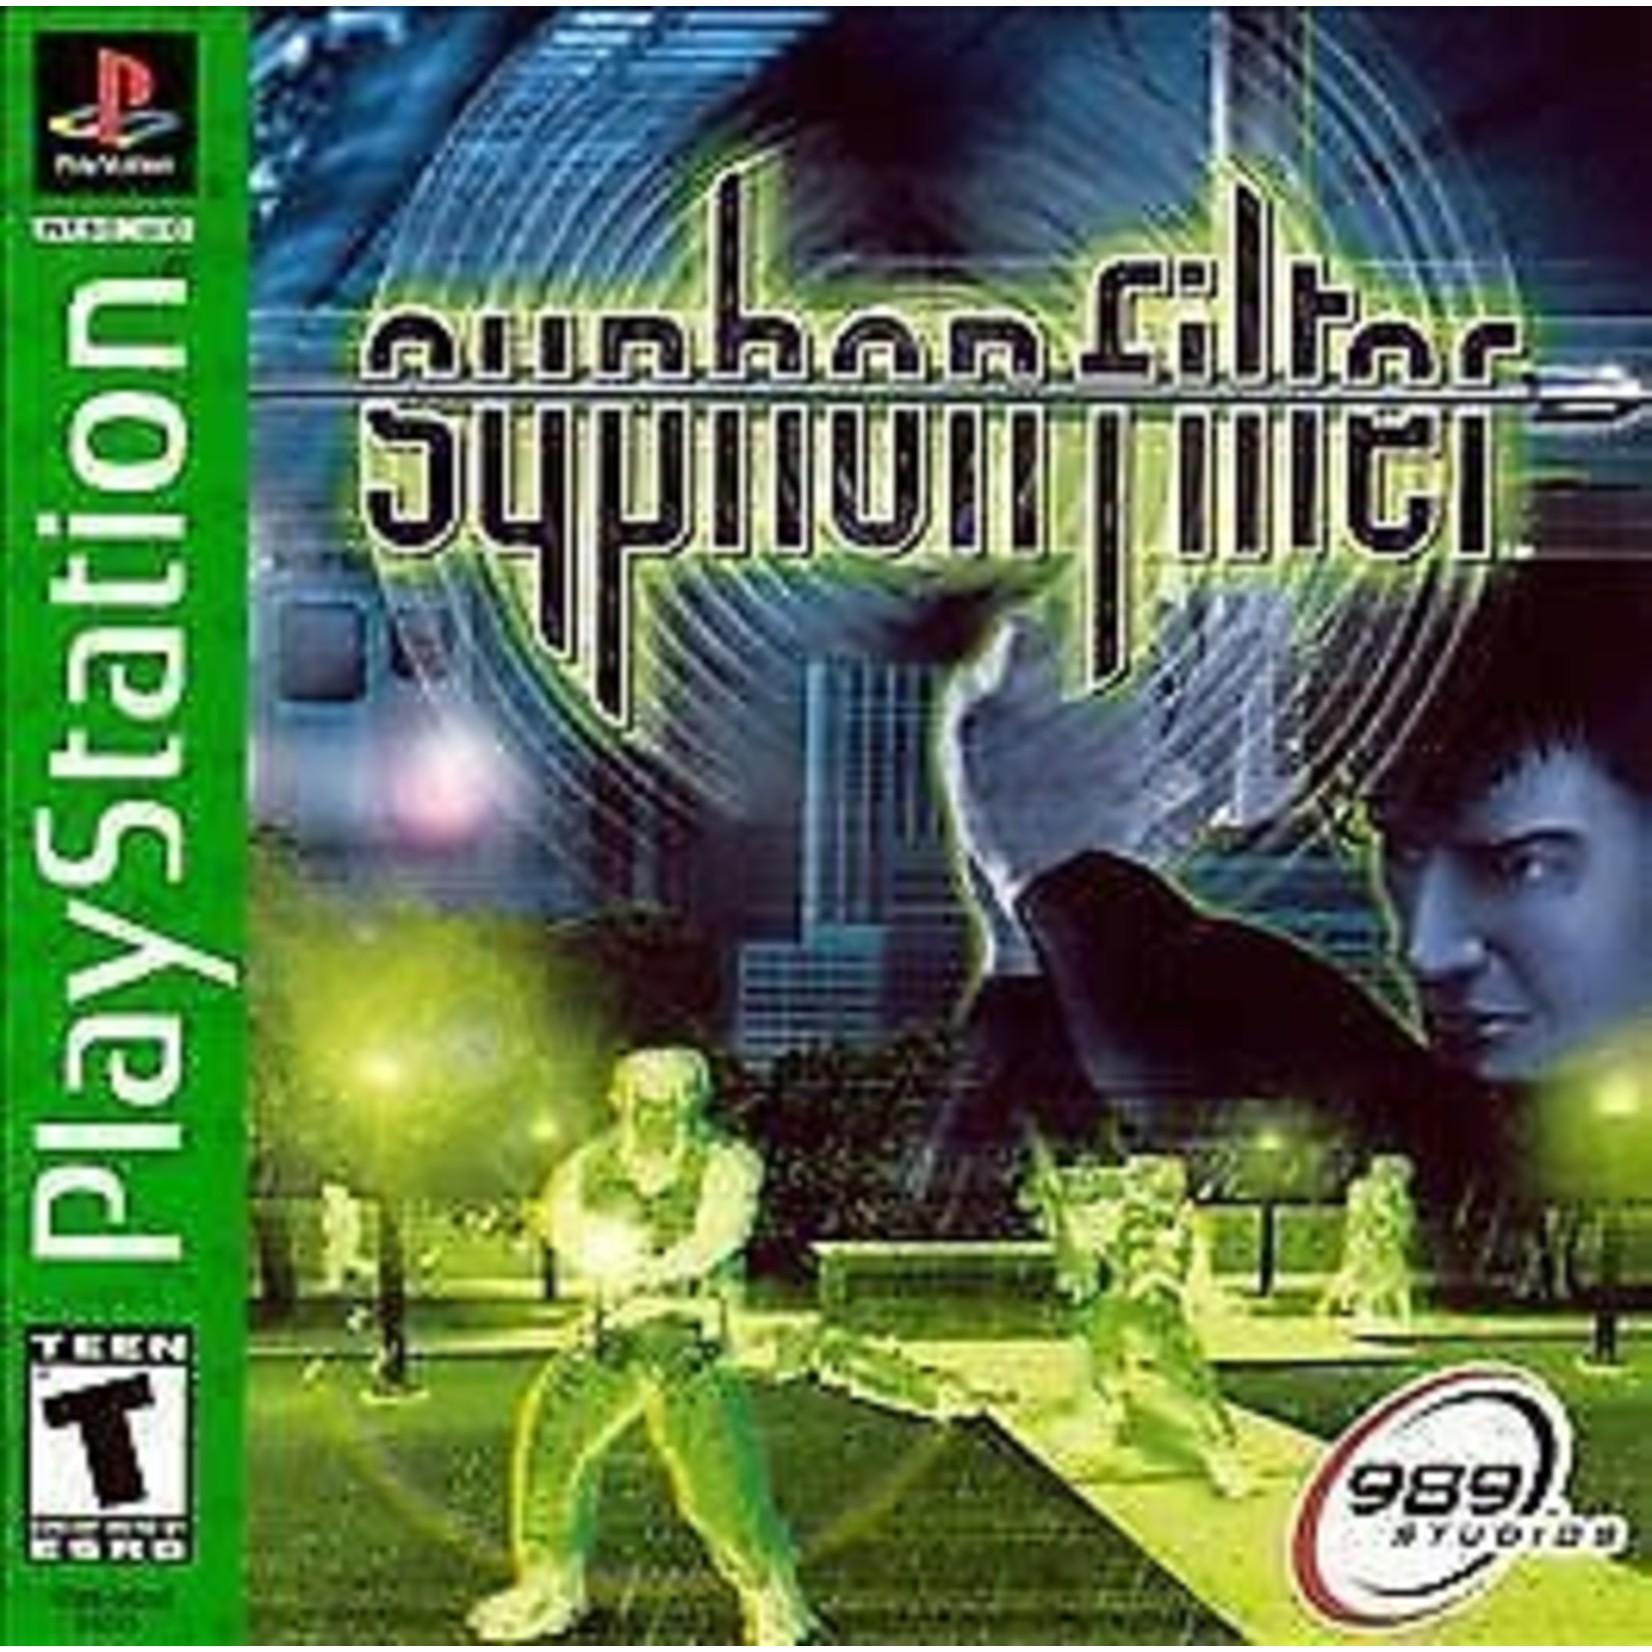 ps1u-Syphon Filter